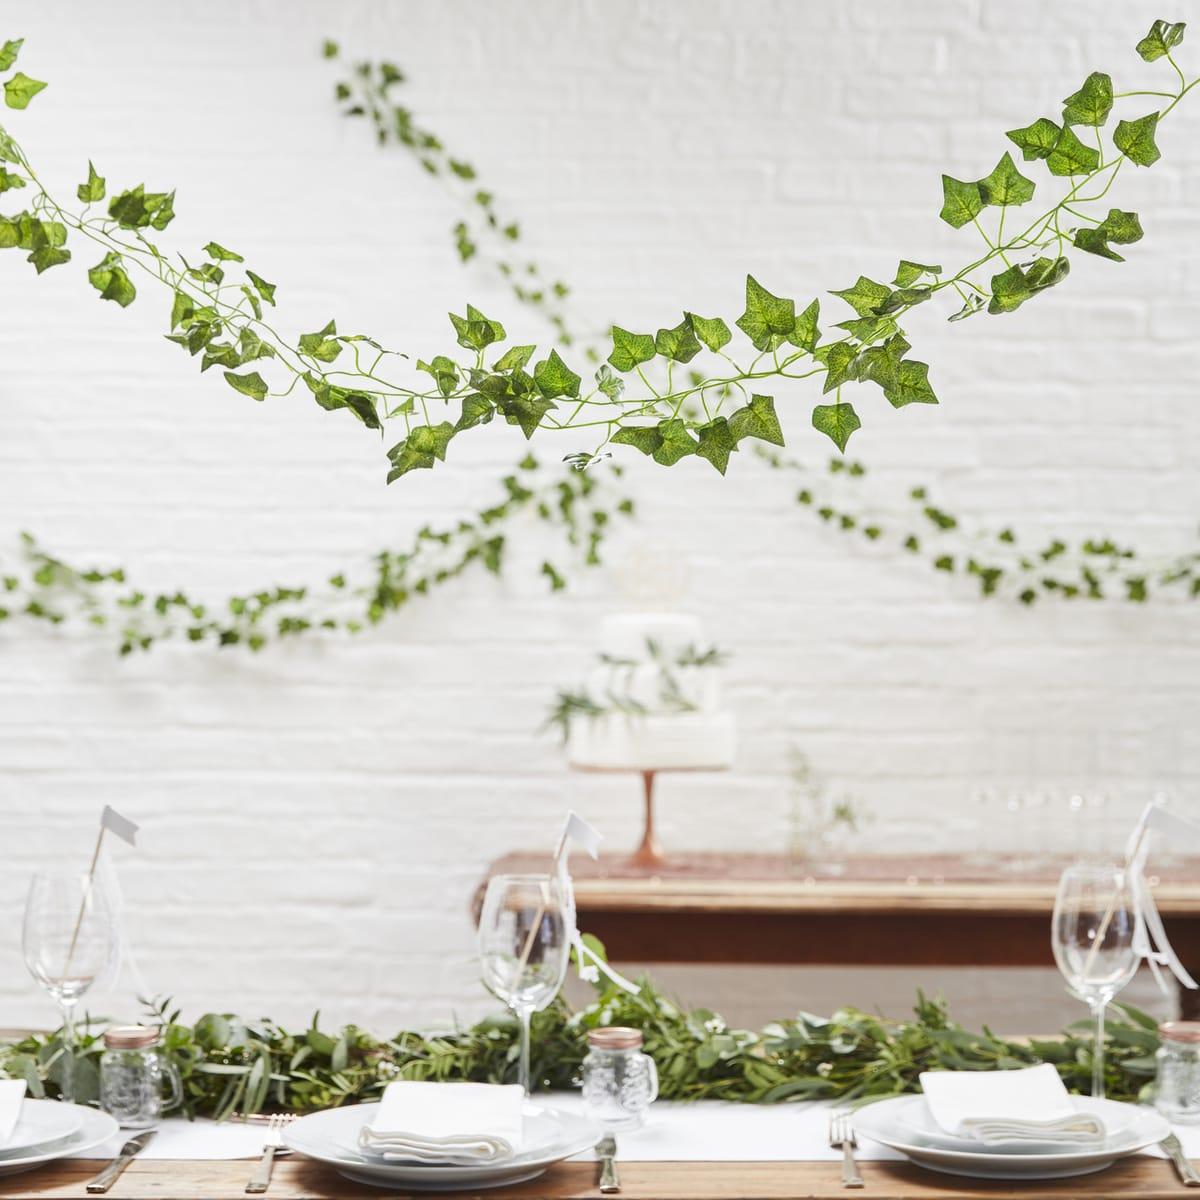 Decorative Faux Vines